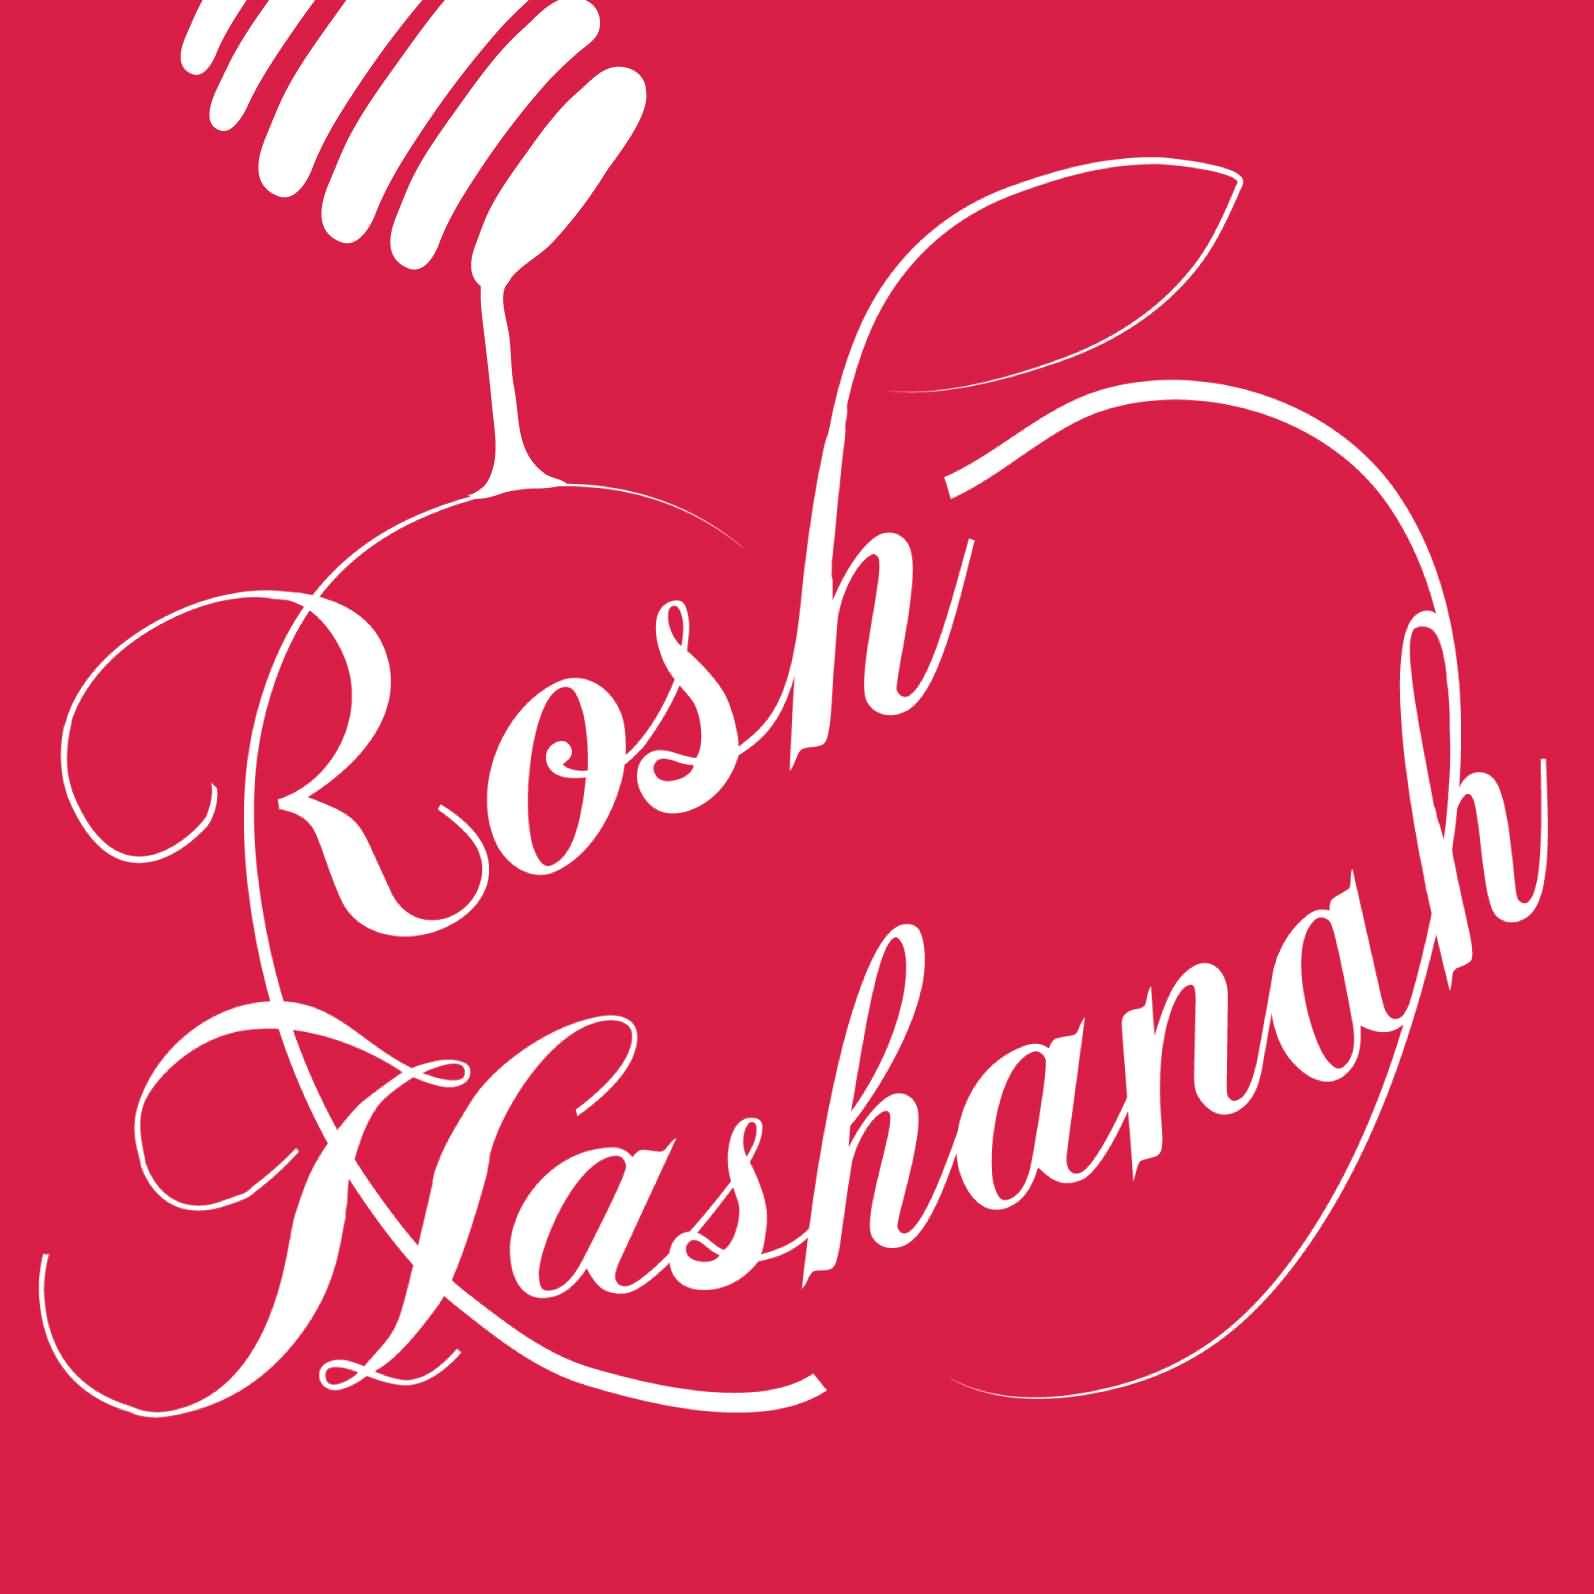 Rosh Hashanah Greetings For Facebook